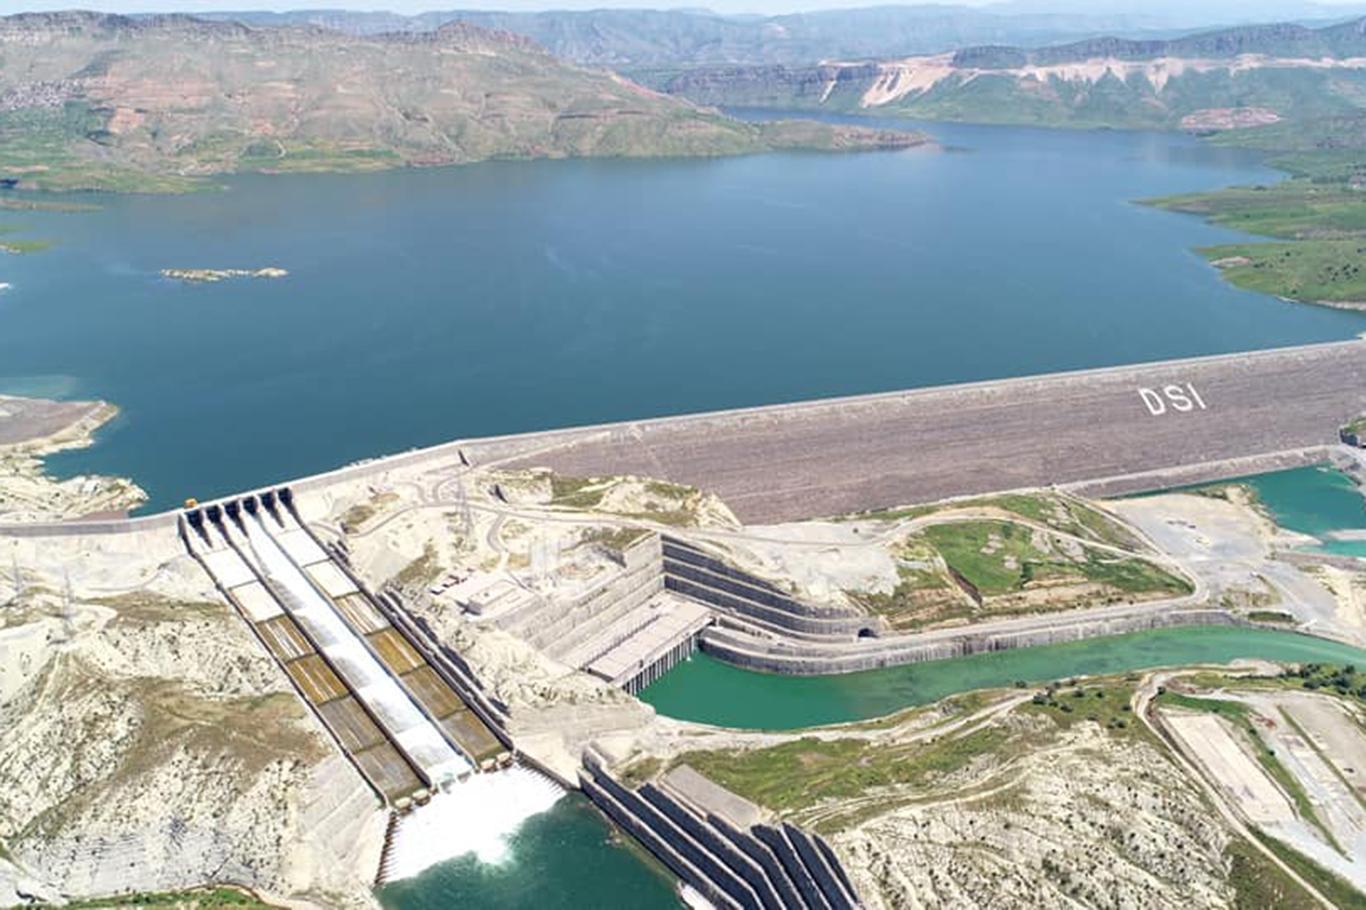 DSİ: Ilısu Veysel Eroğlu Barajında 3üncü türbin devreye girdi